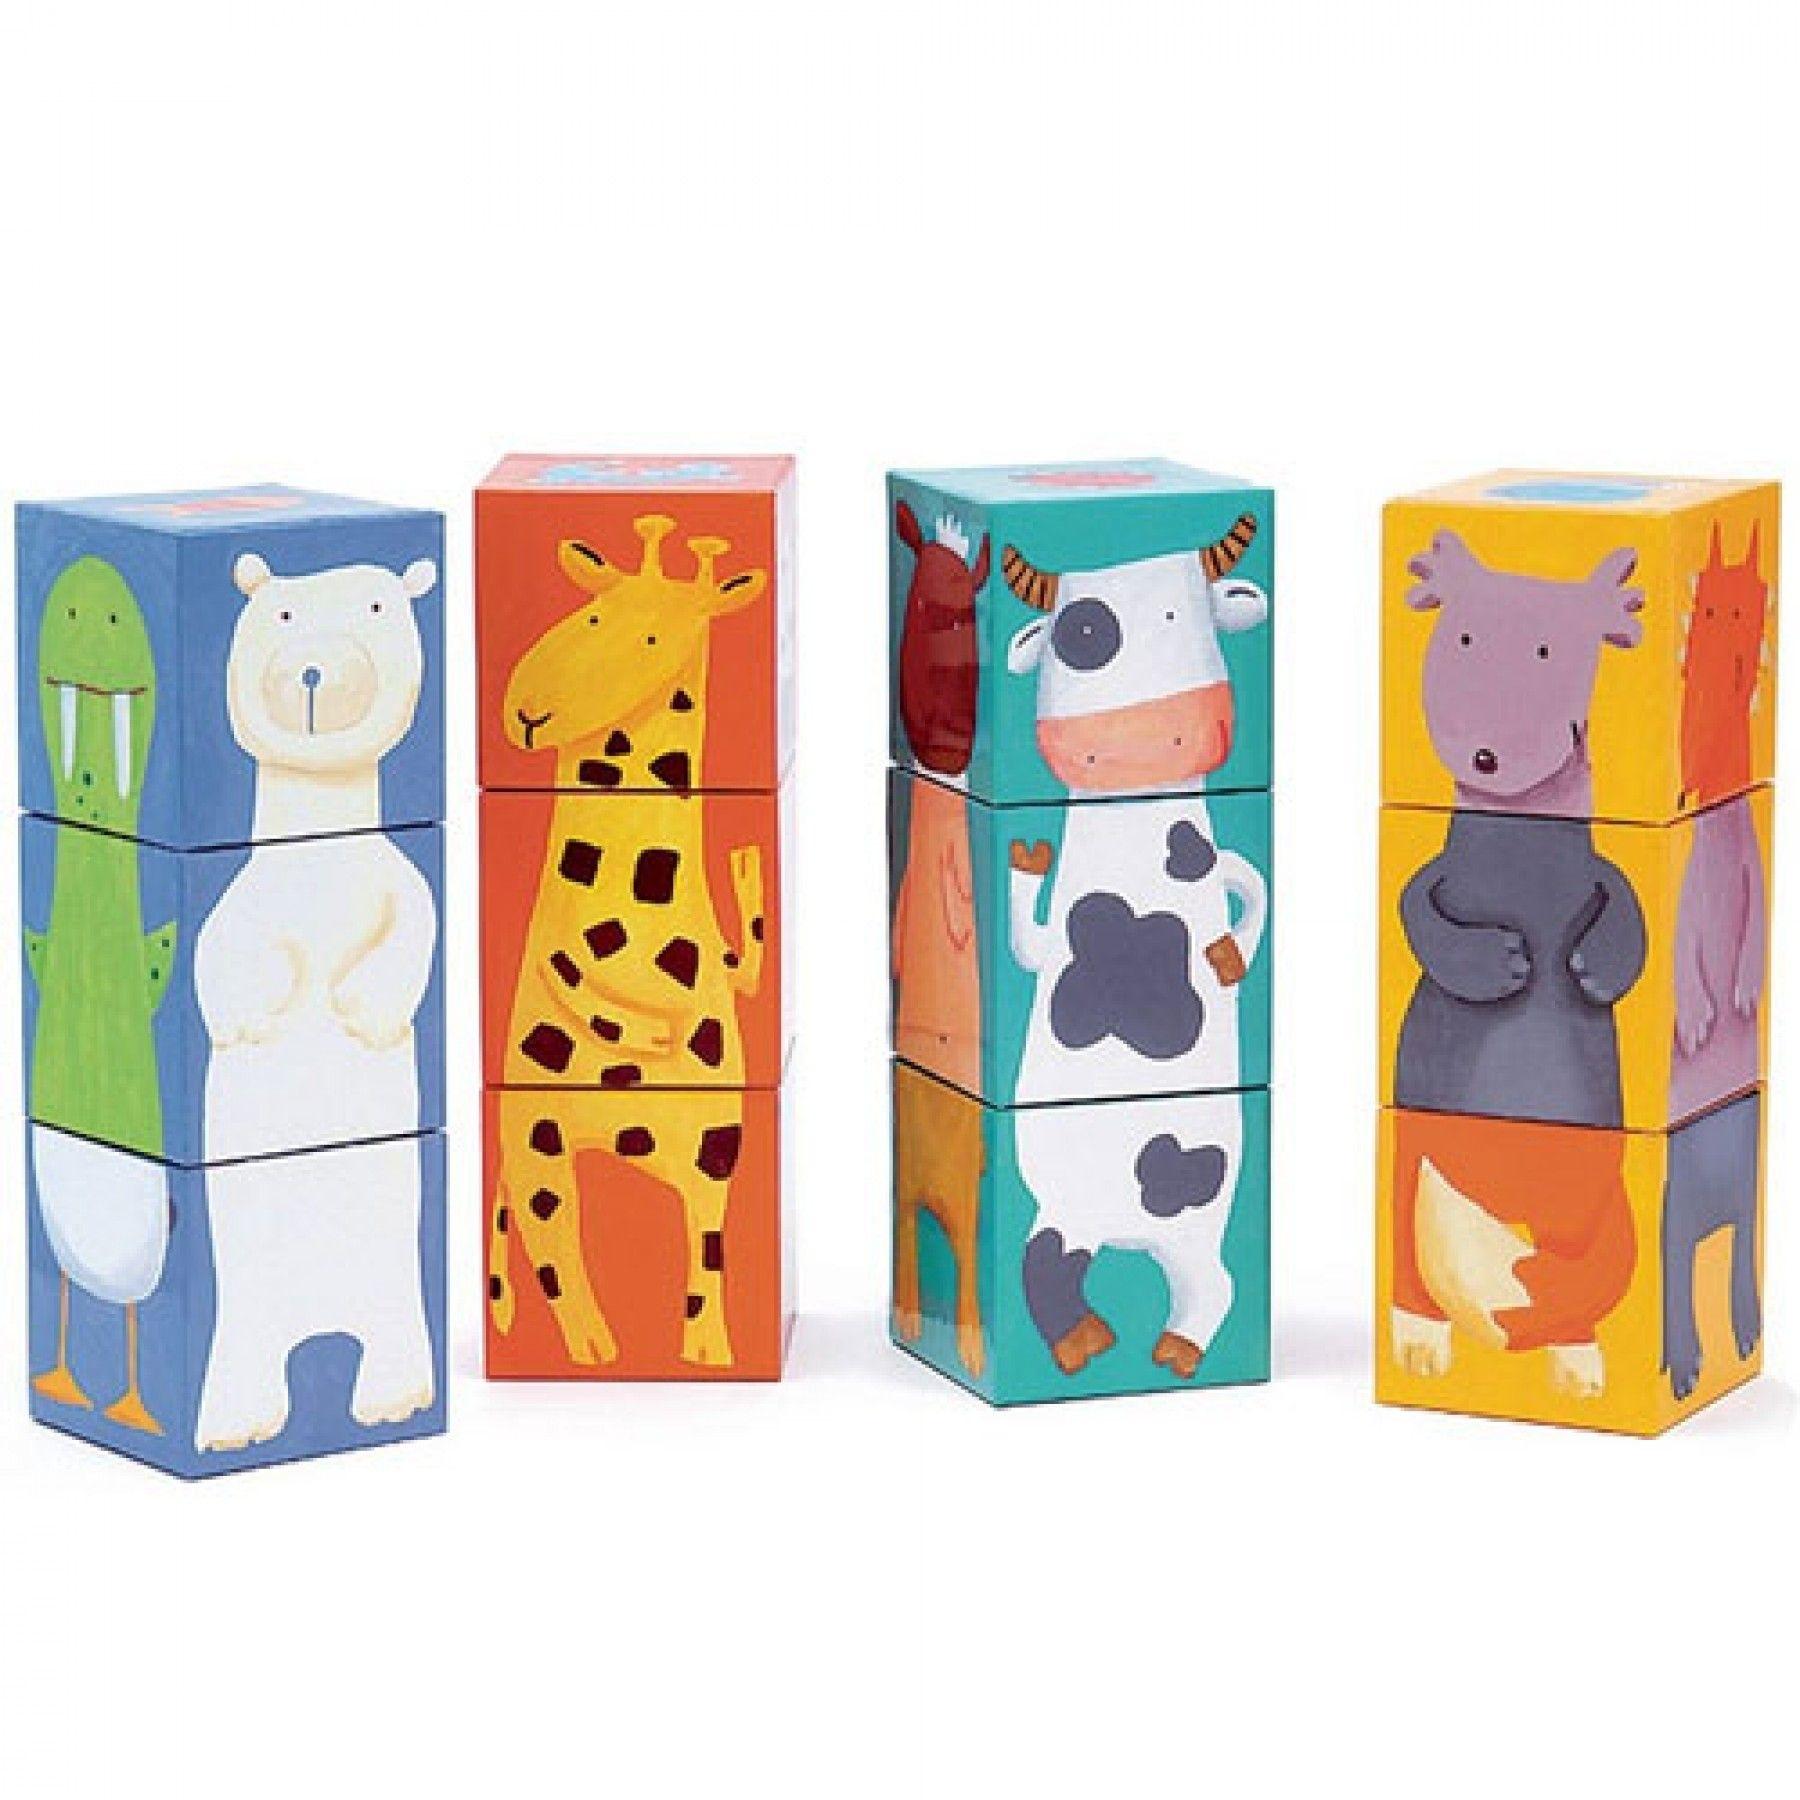 Djeco Djeco Blokken Puzzel - Gekleurde dieren - 12 pcs  3y+